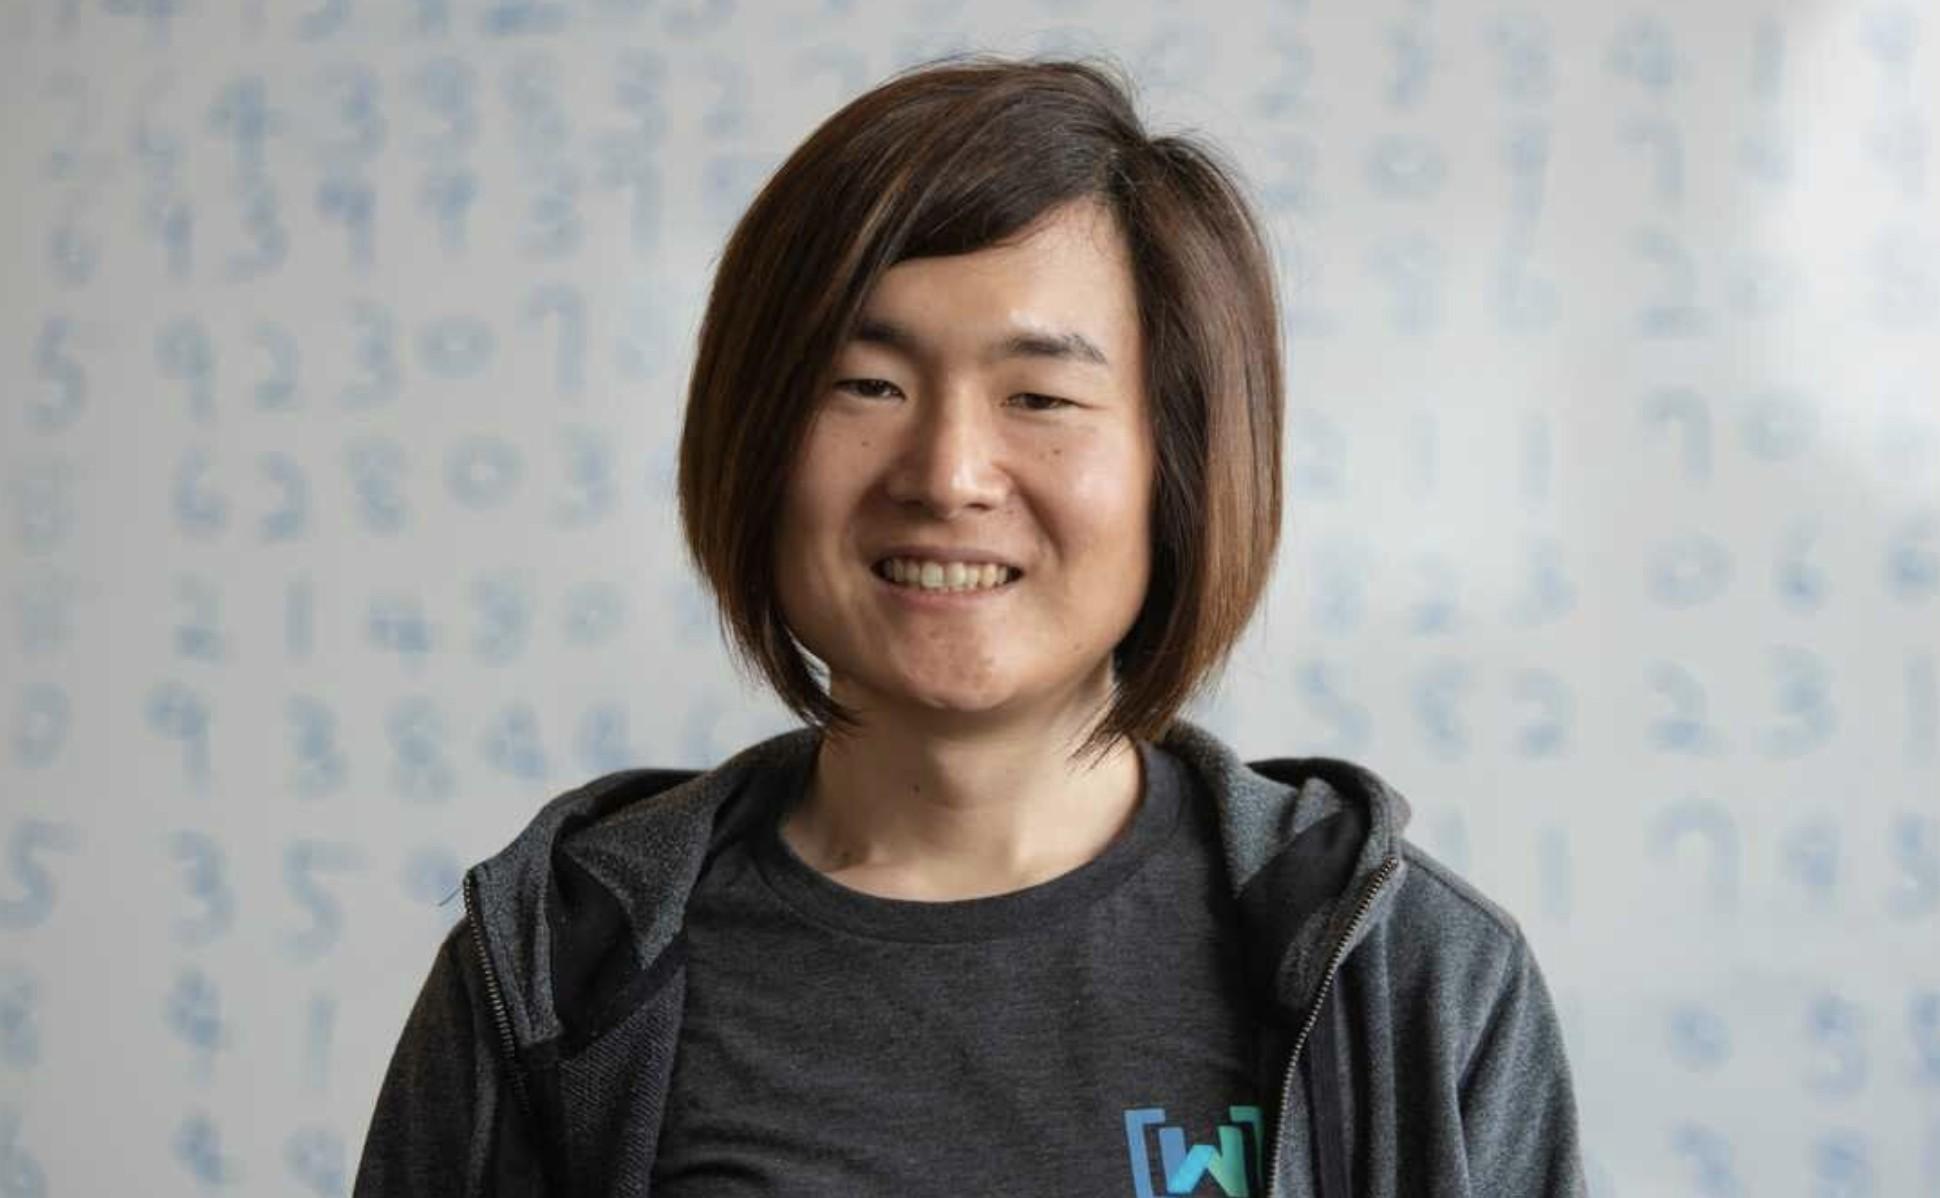 Emma Haruka Iwao, engenheira do Google que bateu o recorde de cálculo do pi (Foto: Divulgação/ Google)